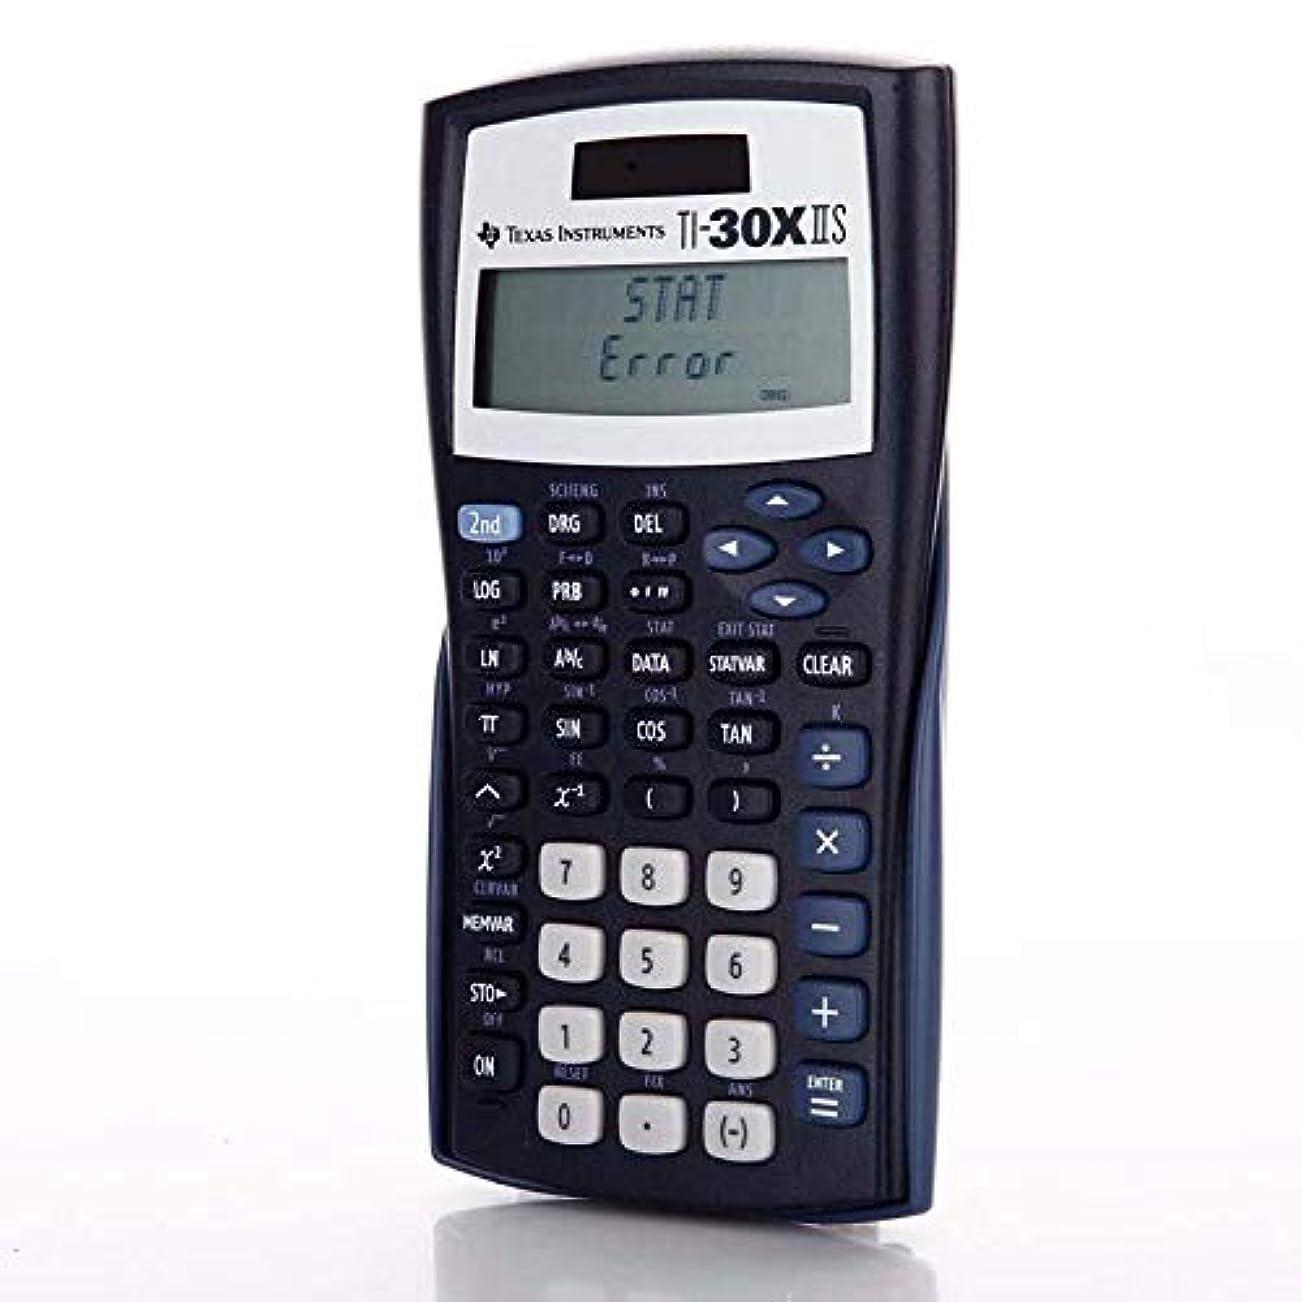 上向き窓を洗う伝説Rziioo 2ライン関数電卓 学生科学機能電卓 ブラック (30XIIS/TBL/1L1/BA)